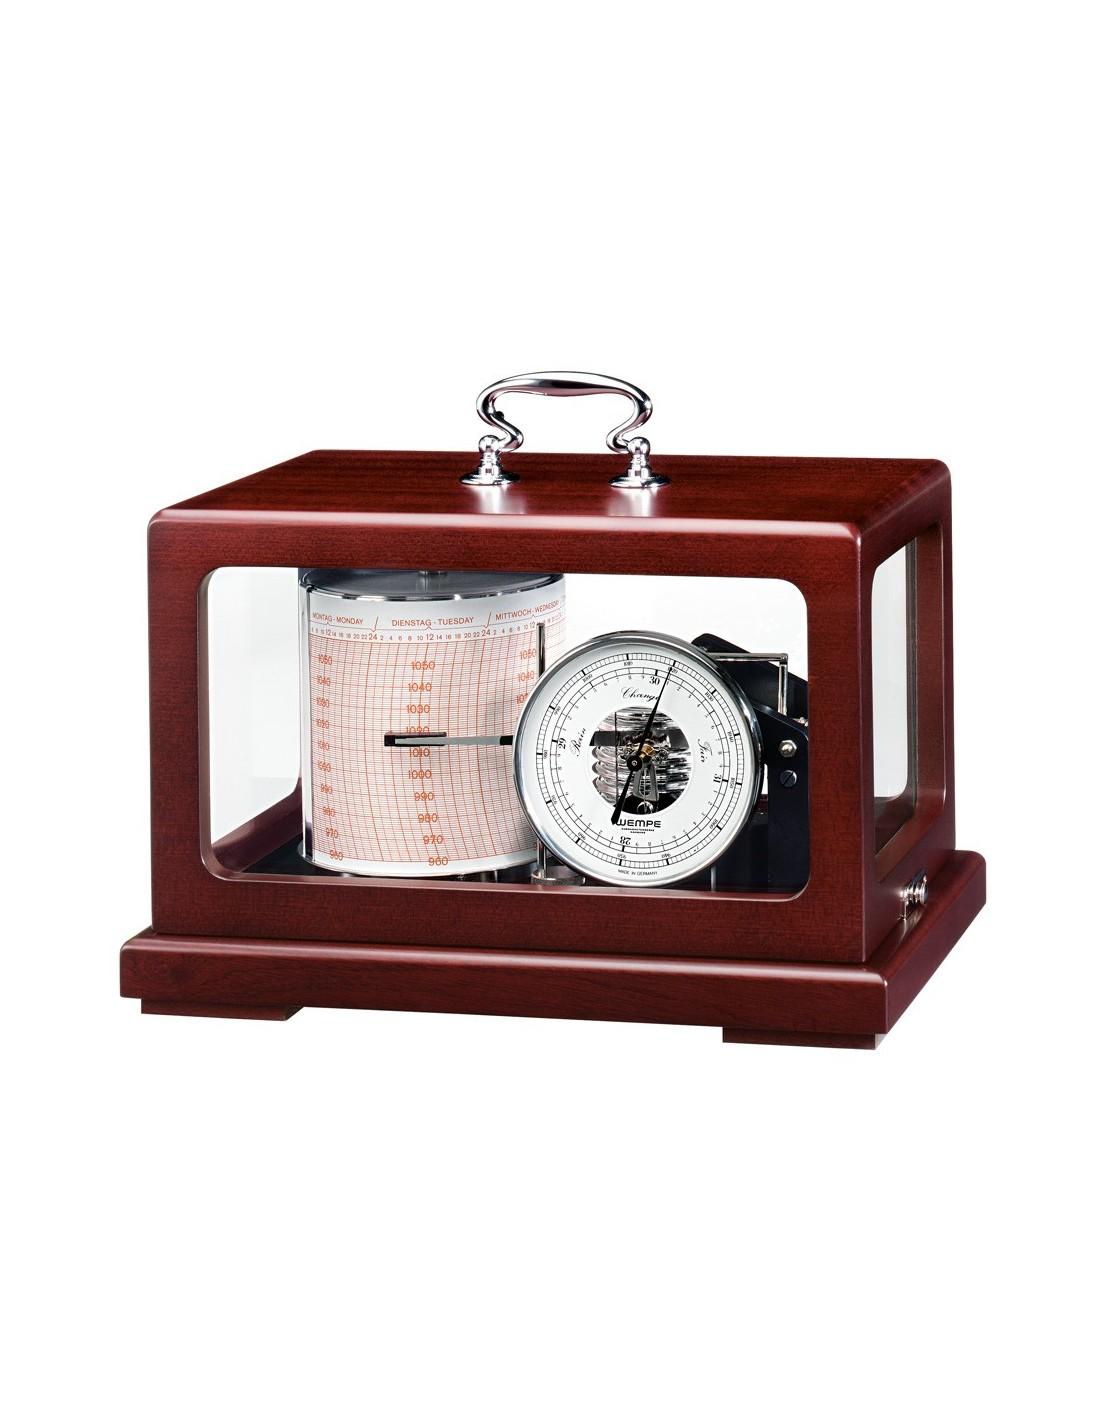 Trommel Barograaf - Metaal Zwart / Mahonie - Quartz - Oliegedempt - 265 x 170 x 175 mm